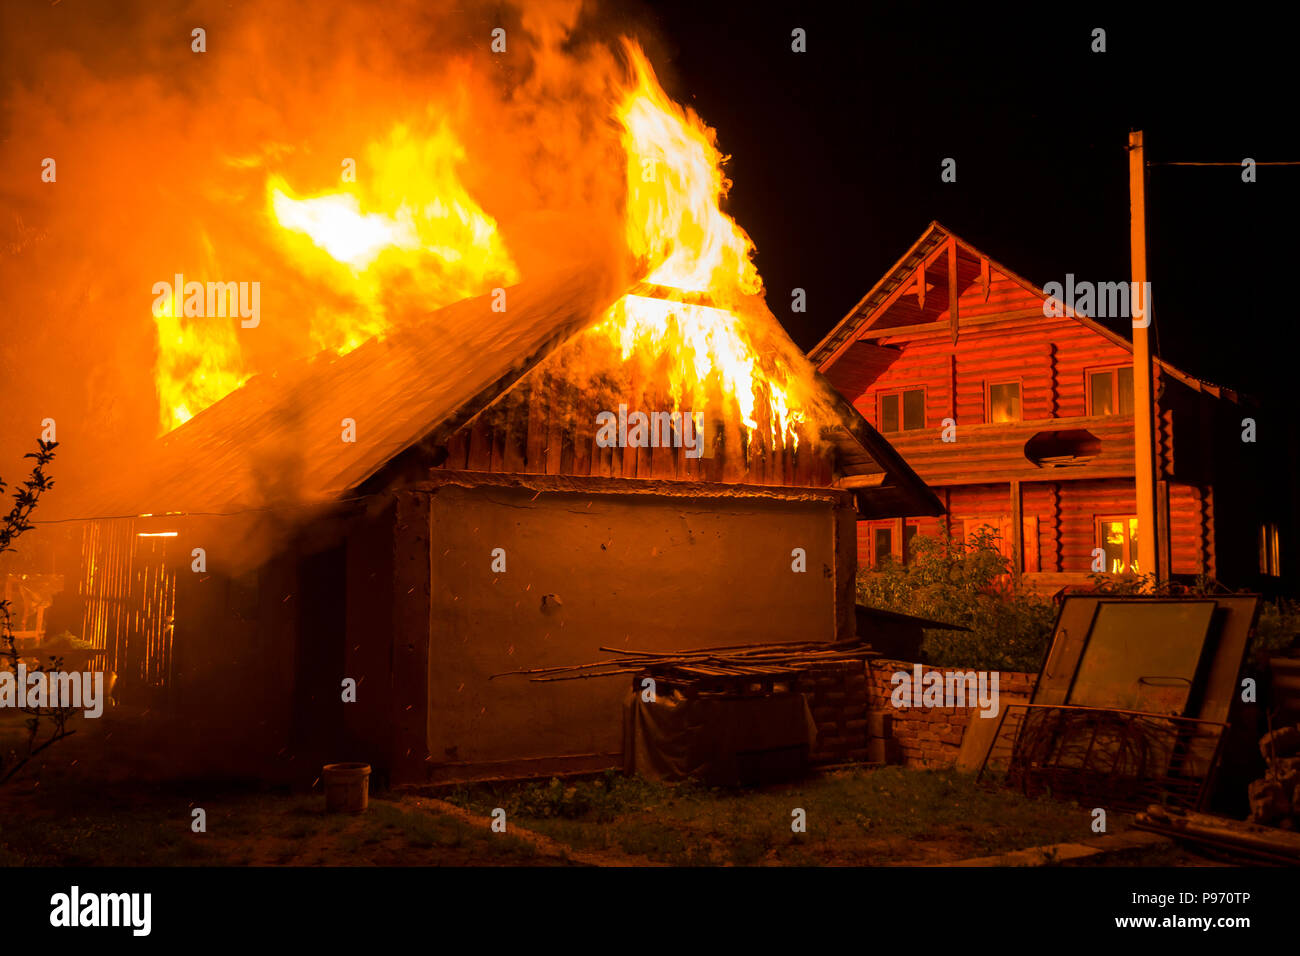 wooden barn burning at night high orange fire flames dense smoke